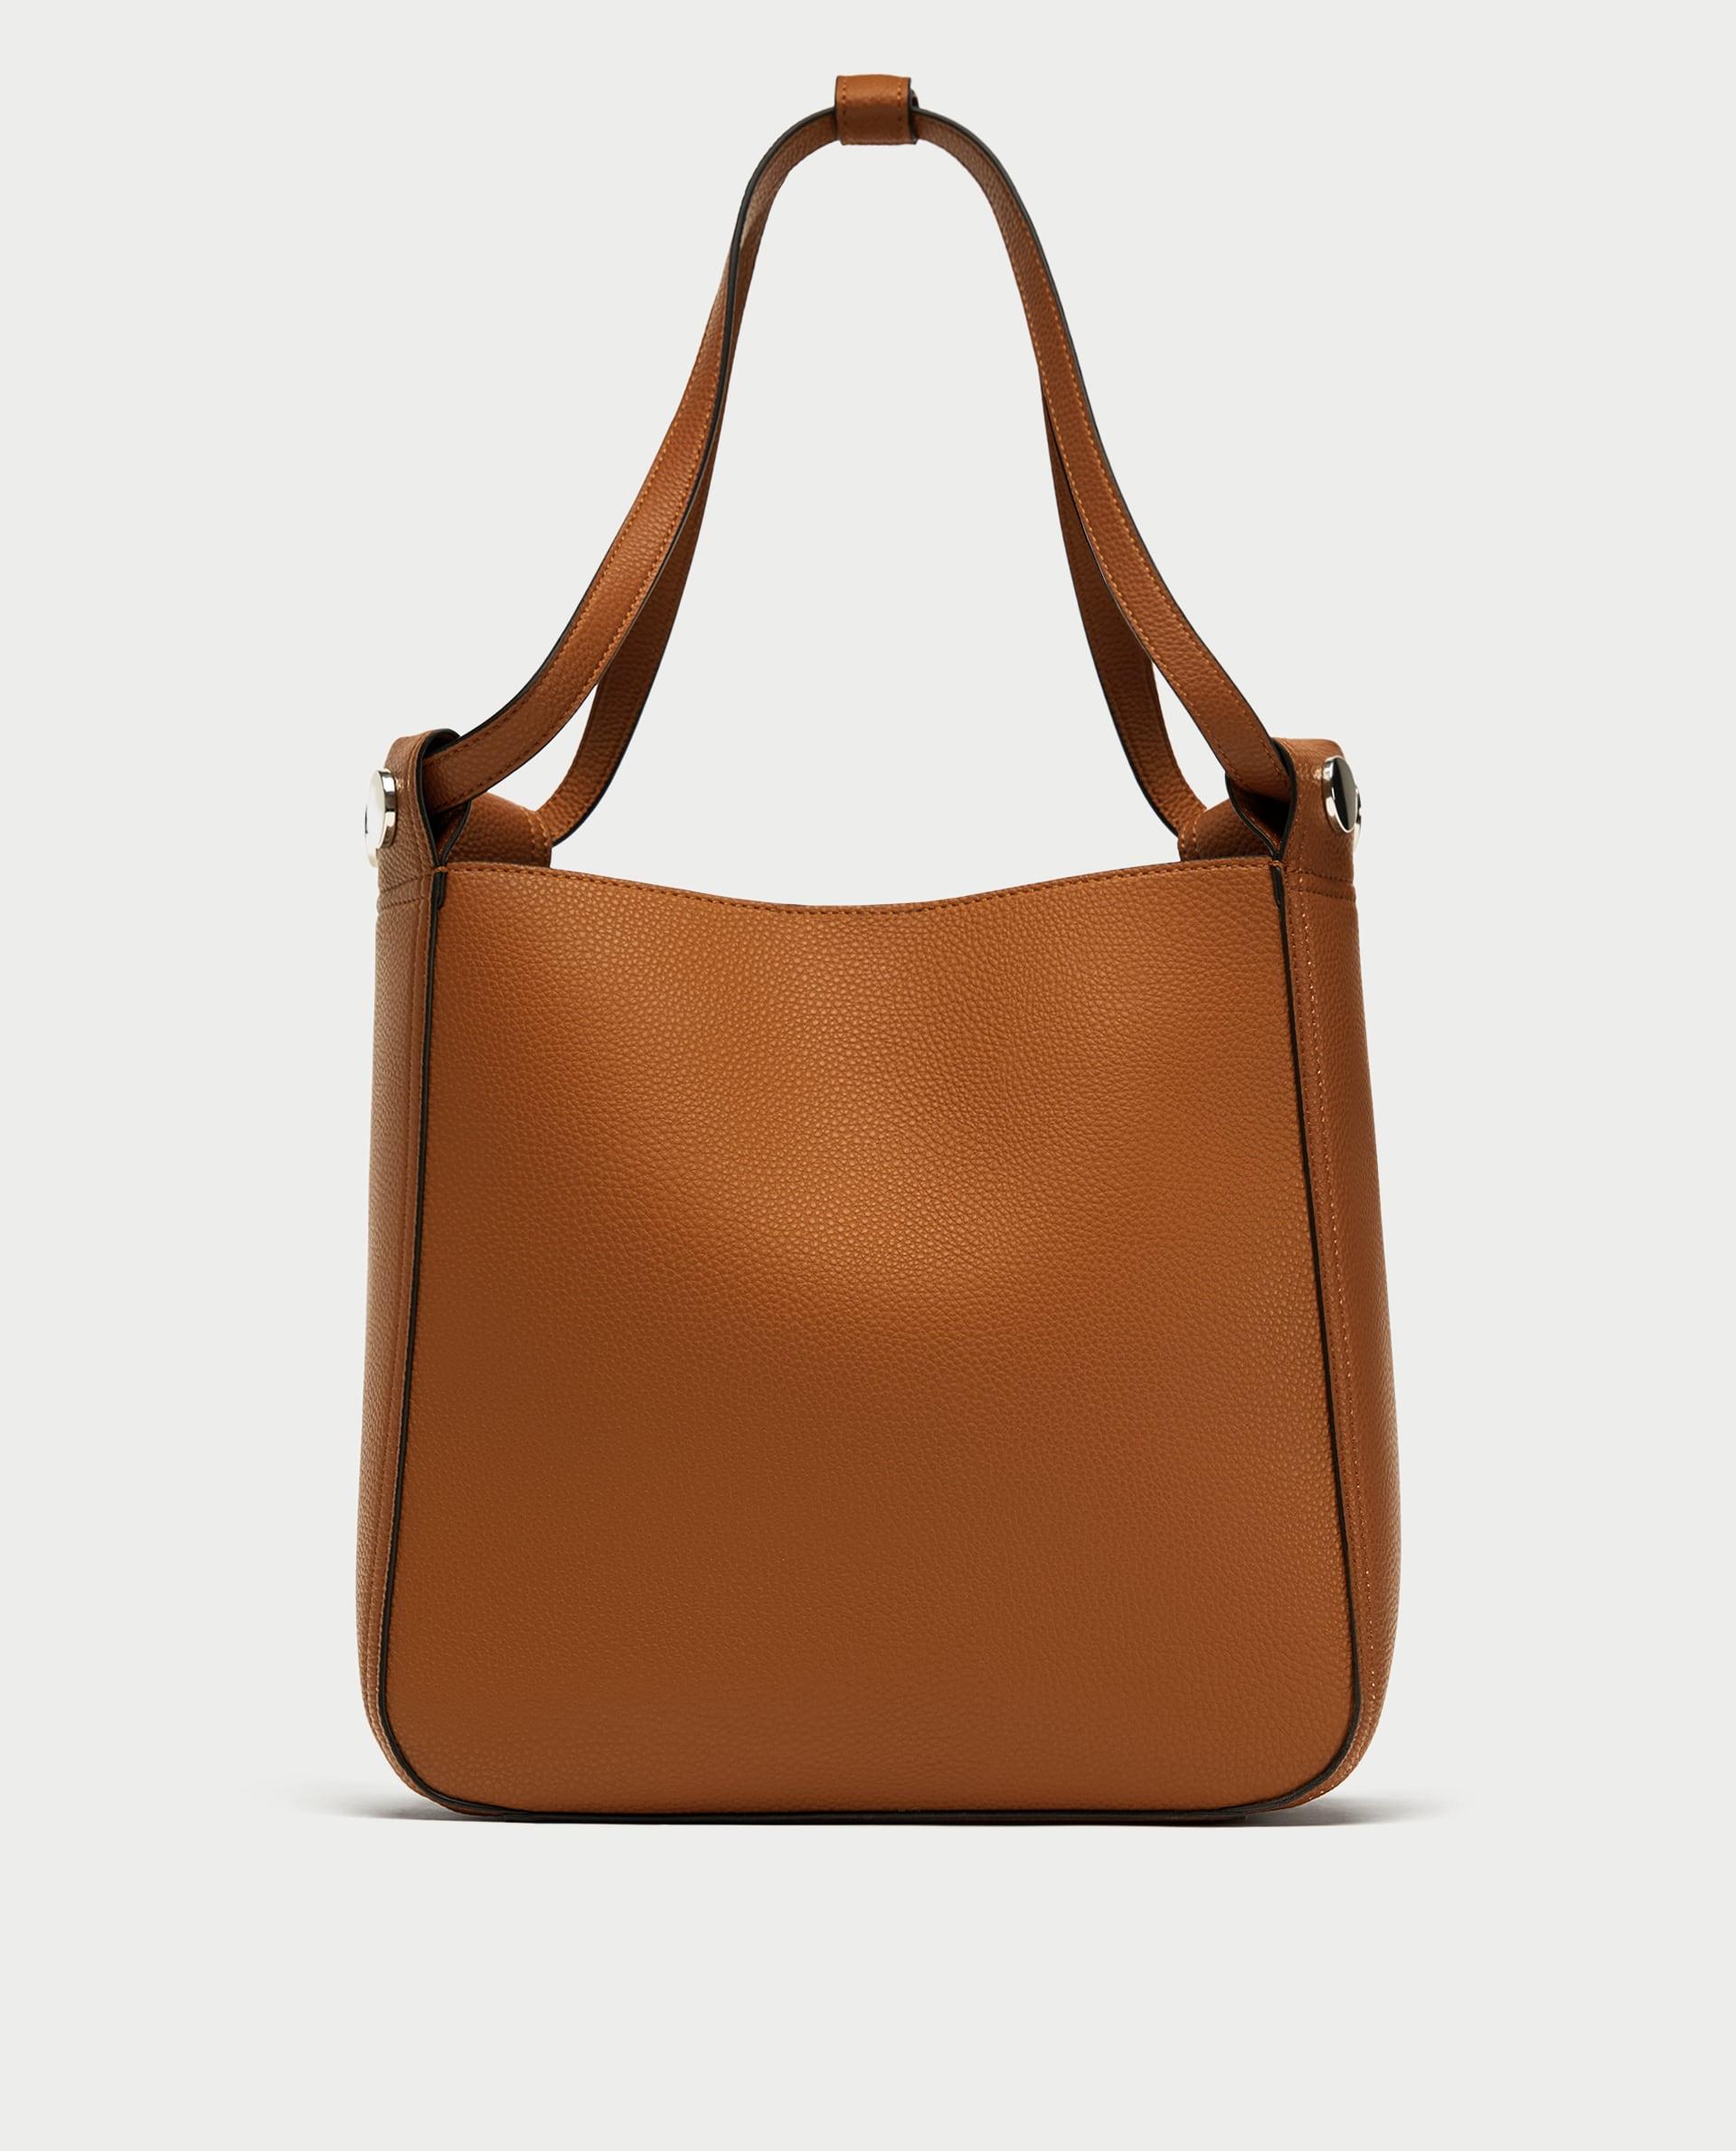 Borsa a spalla con borchie Zara collezione primavera estate 2018